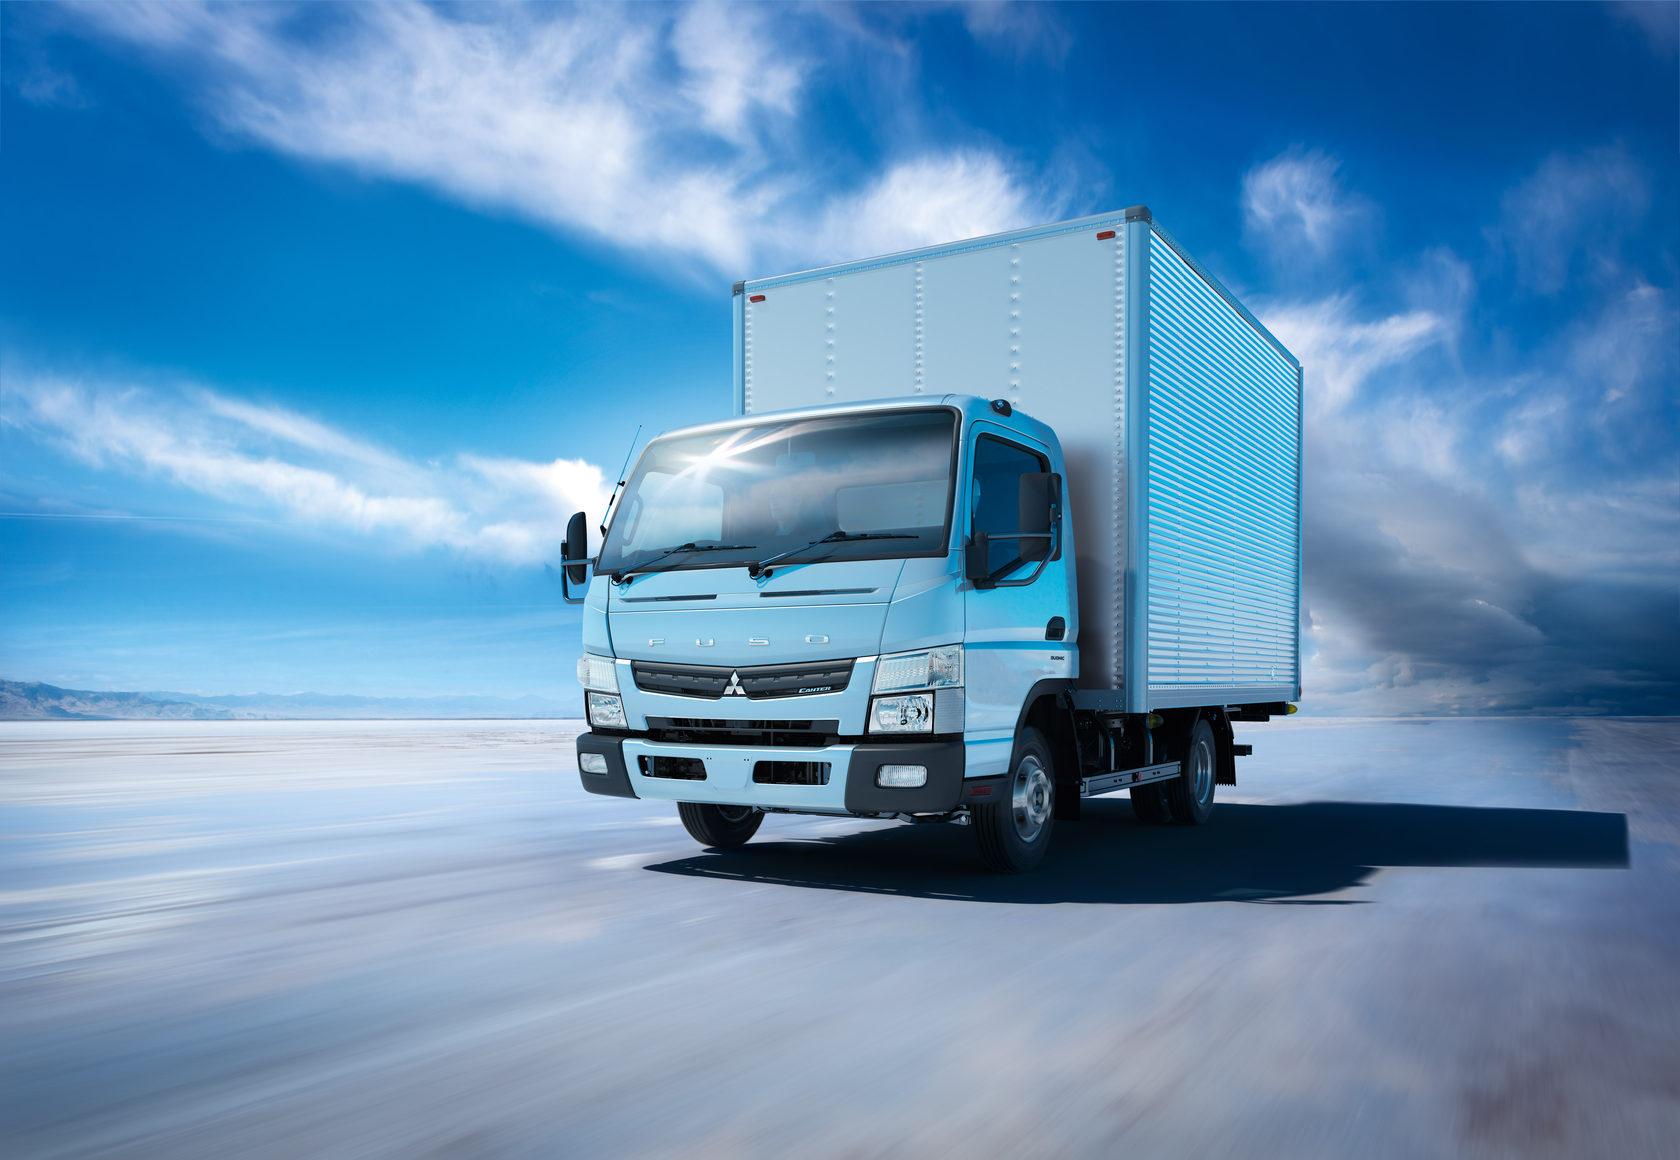 Грузоперевозки фургоном: преимущества и особенности